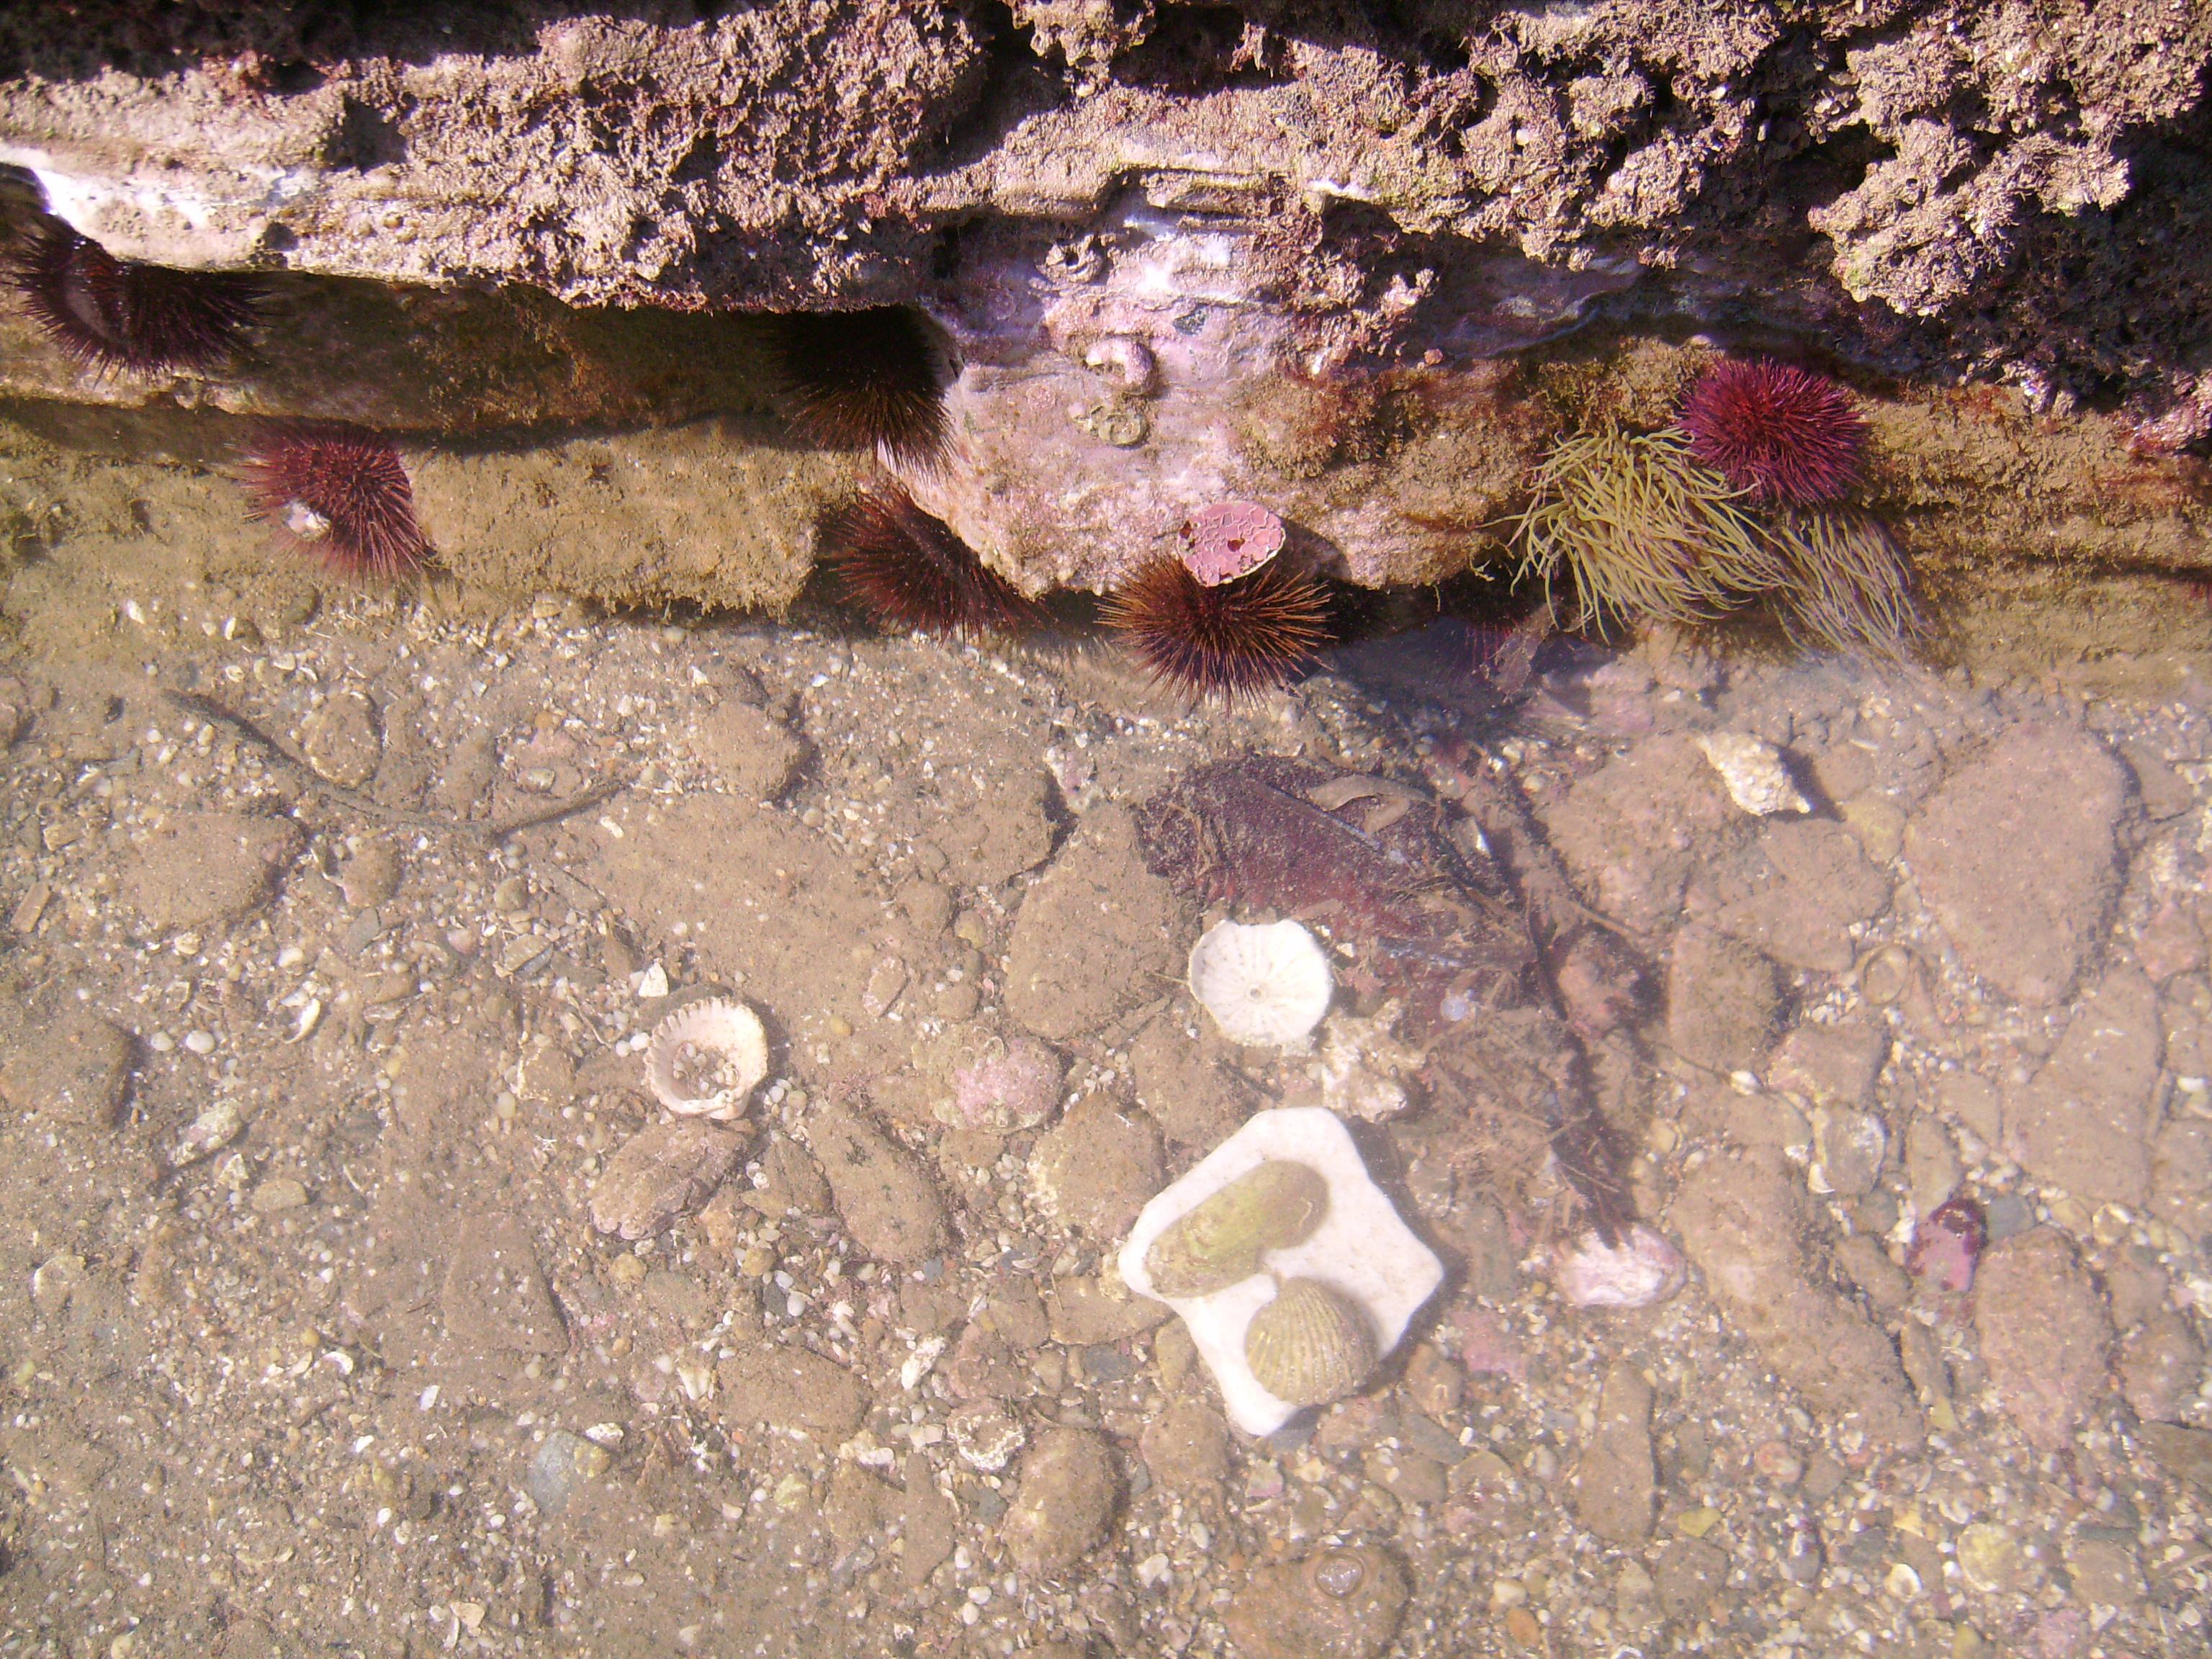 Hajtottad már kagylóra füledet? Rózsaszín kőfodrai közt<br />hallottad már a tengert? Hallottad már a kagylóban a csöndet?<br />Ahol a csönd van, ott a tenger. Ahol a csönd van, ott a zúgás. <br />